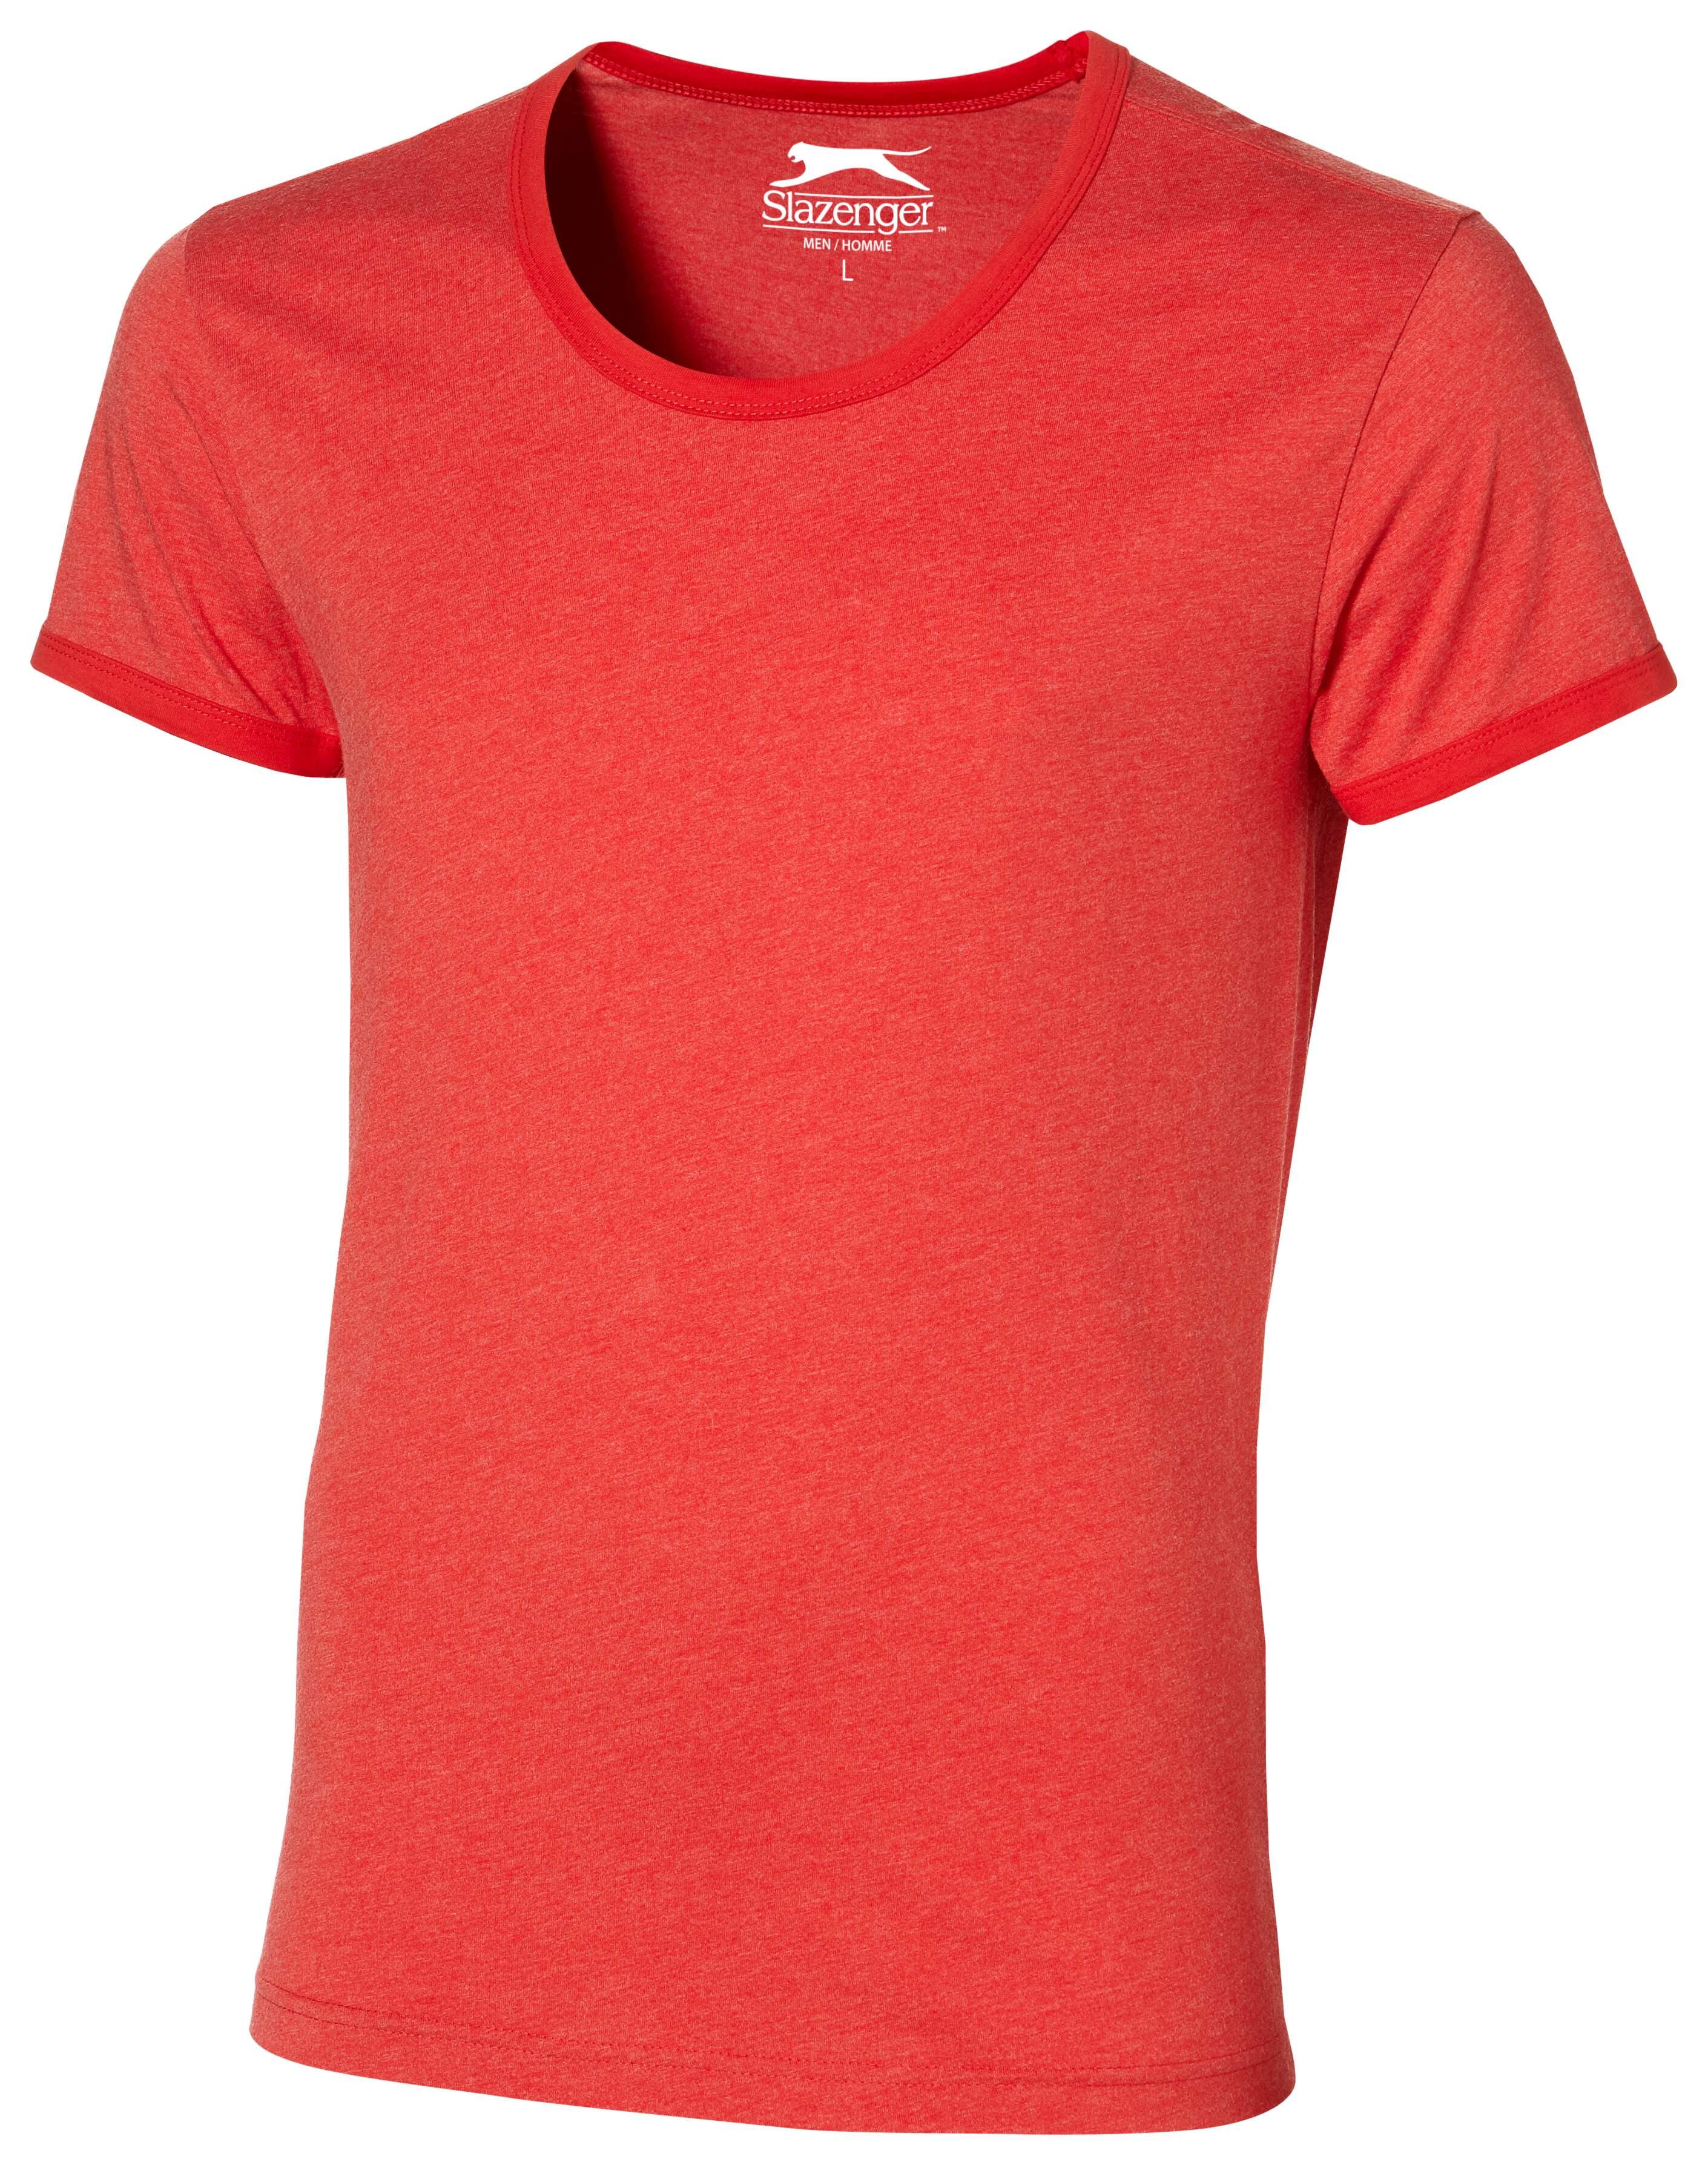 Werbeartikel T Shirt Slazenger Chip